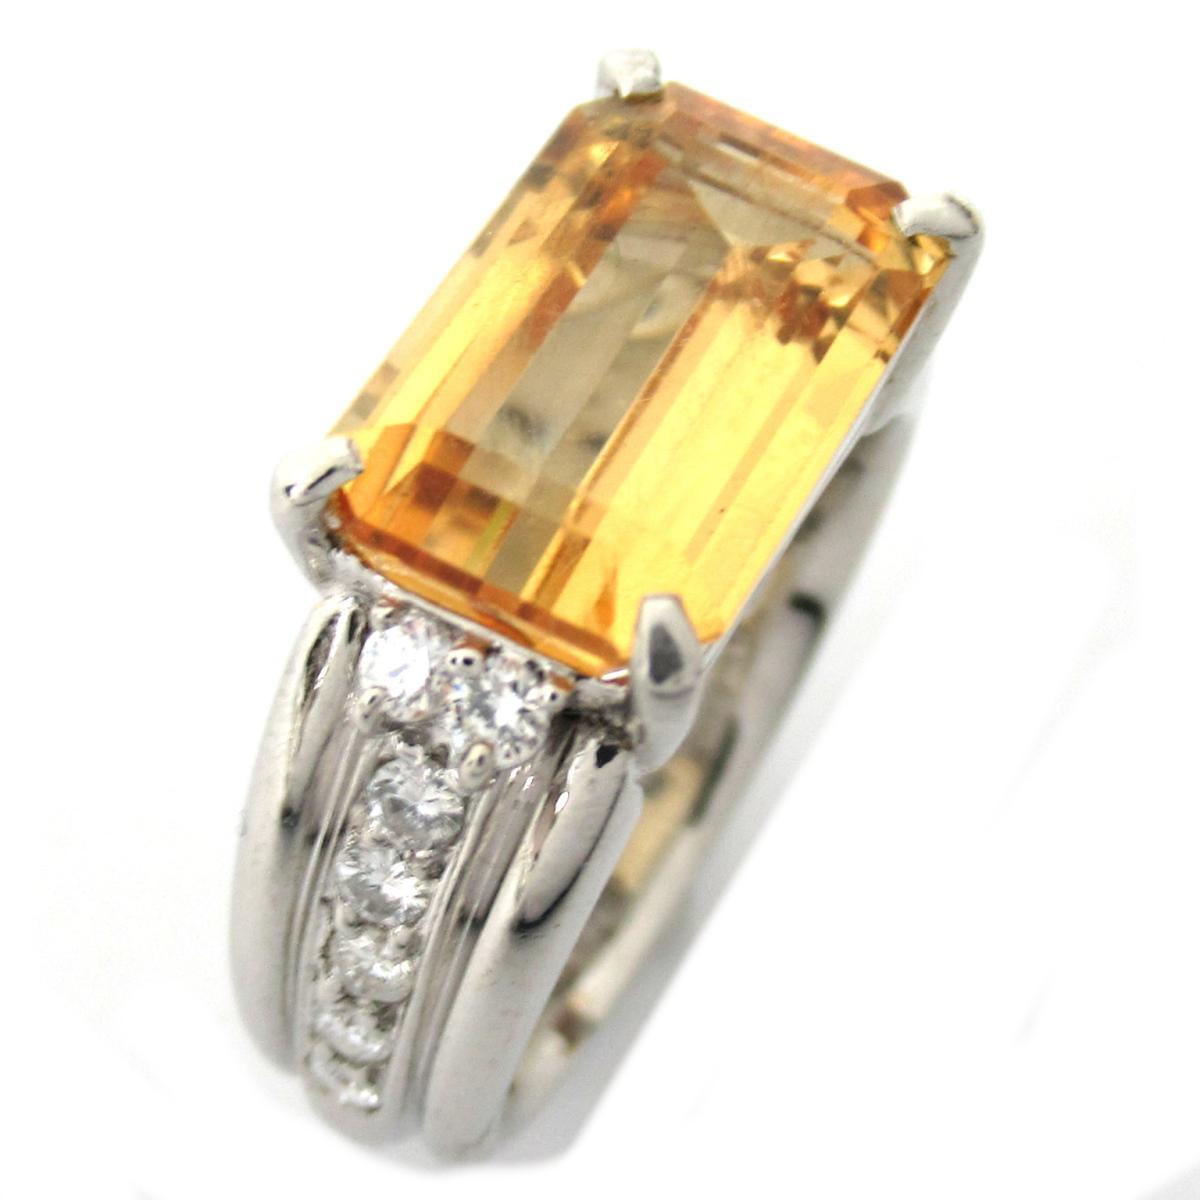 【中古】 ジュエリー インペリアルトパーズ ダイヤモンド リング 指輪 レディース PT900 プラチナ x トパーズ4.38ct ダイヤモンド0.282ct | JEWELRY BRANDOFF ブランドオフ ブランド アクセサリー